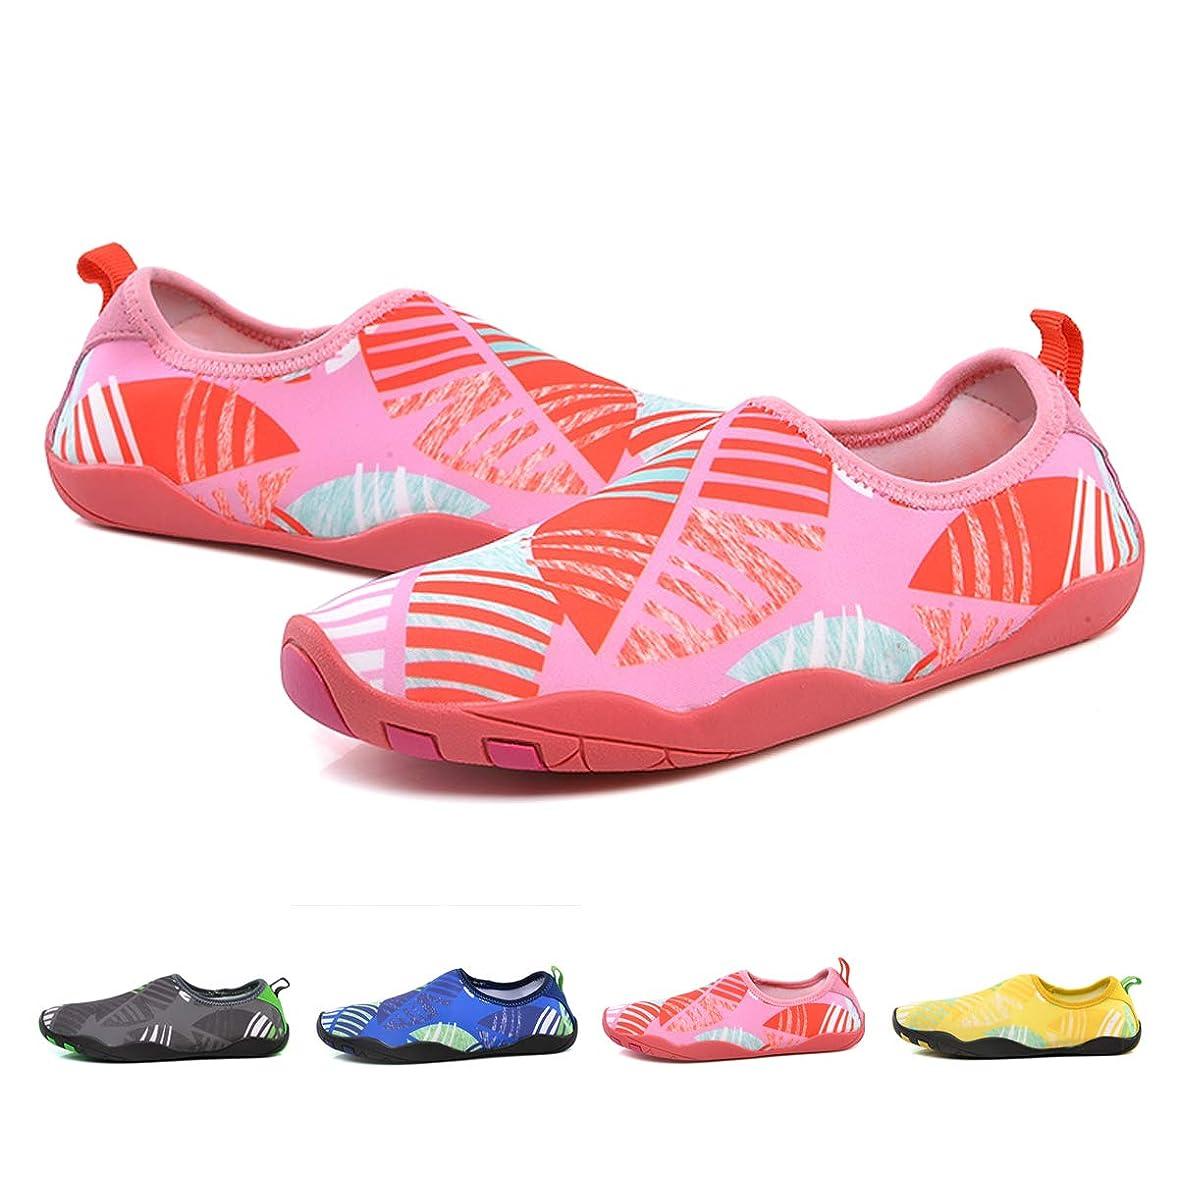 ペルメルフェッチ美容師[小飛熊] ビーチシューズ超軽量フィットネス靴ヨガ靴排水通気水陸両用男女共通